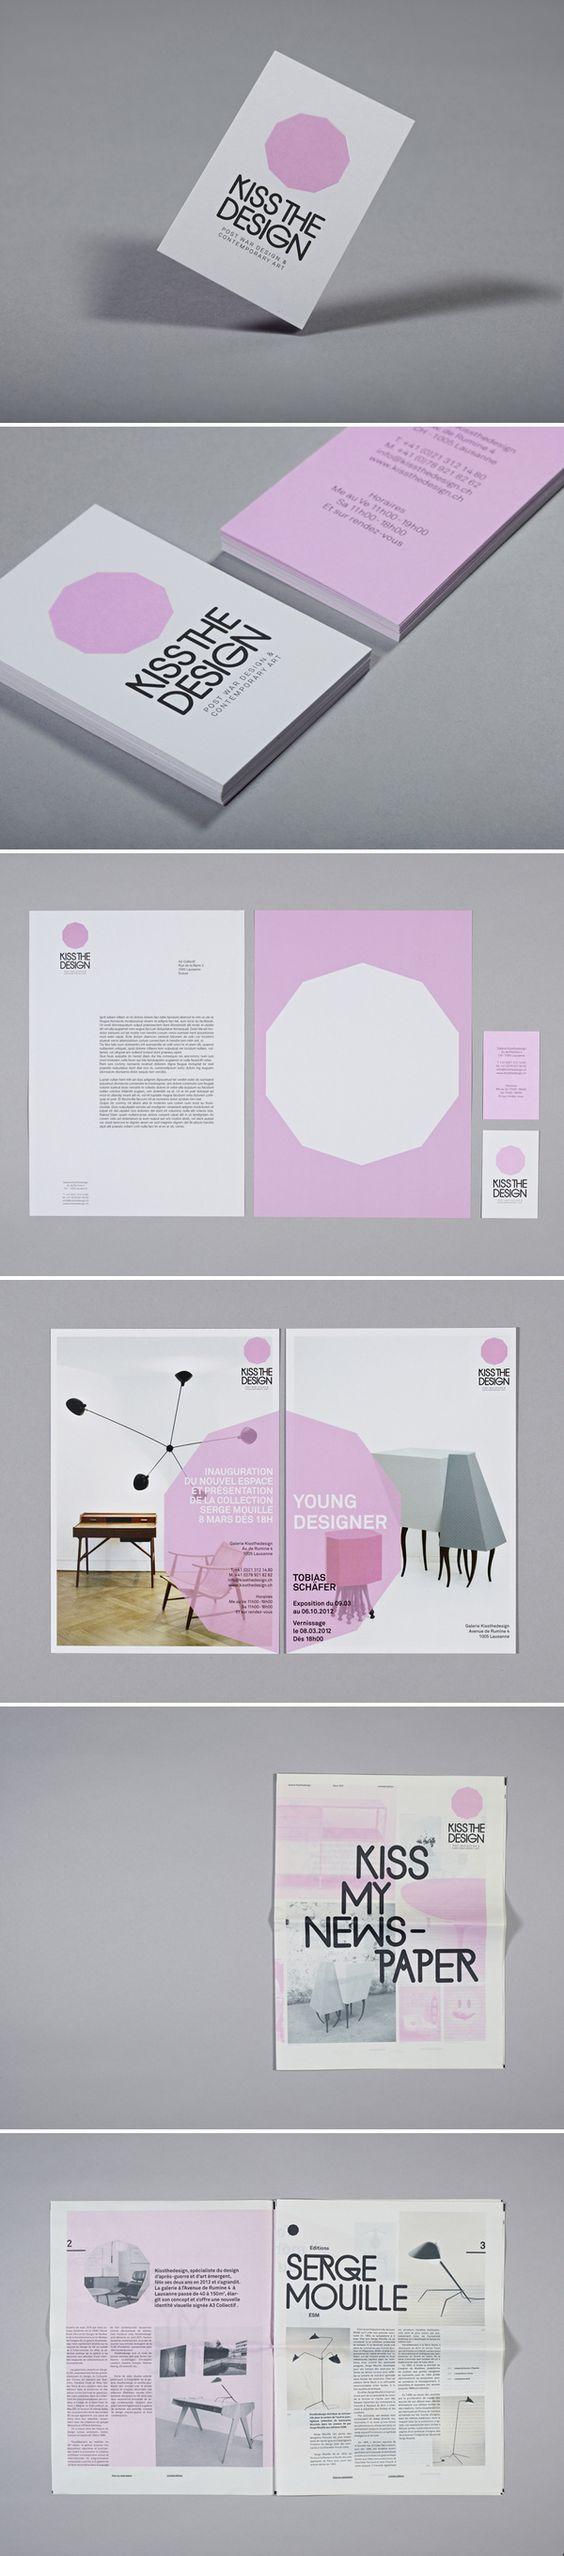 Kiss the Design - Post War Design & Contemporary Art …